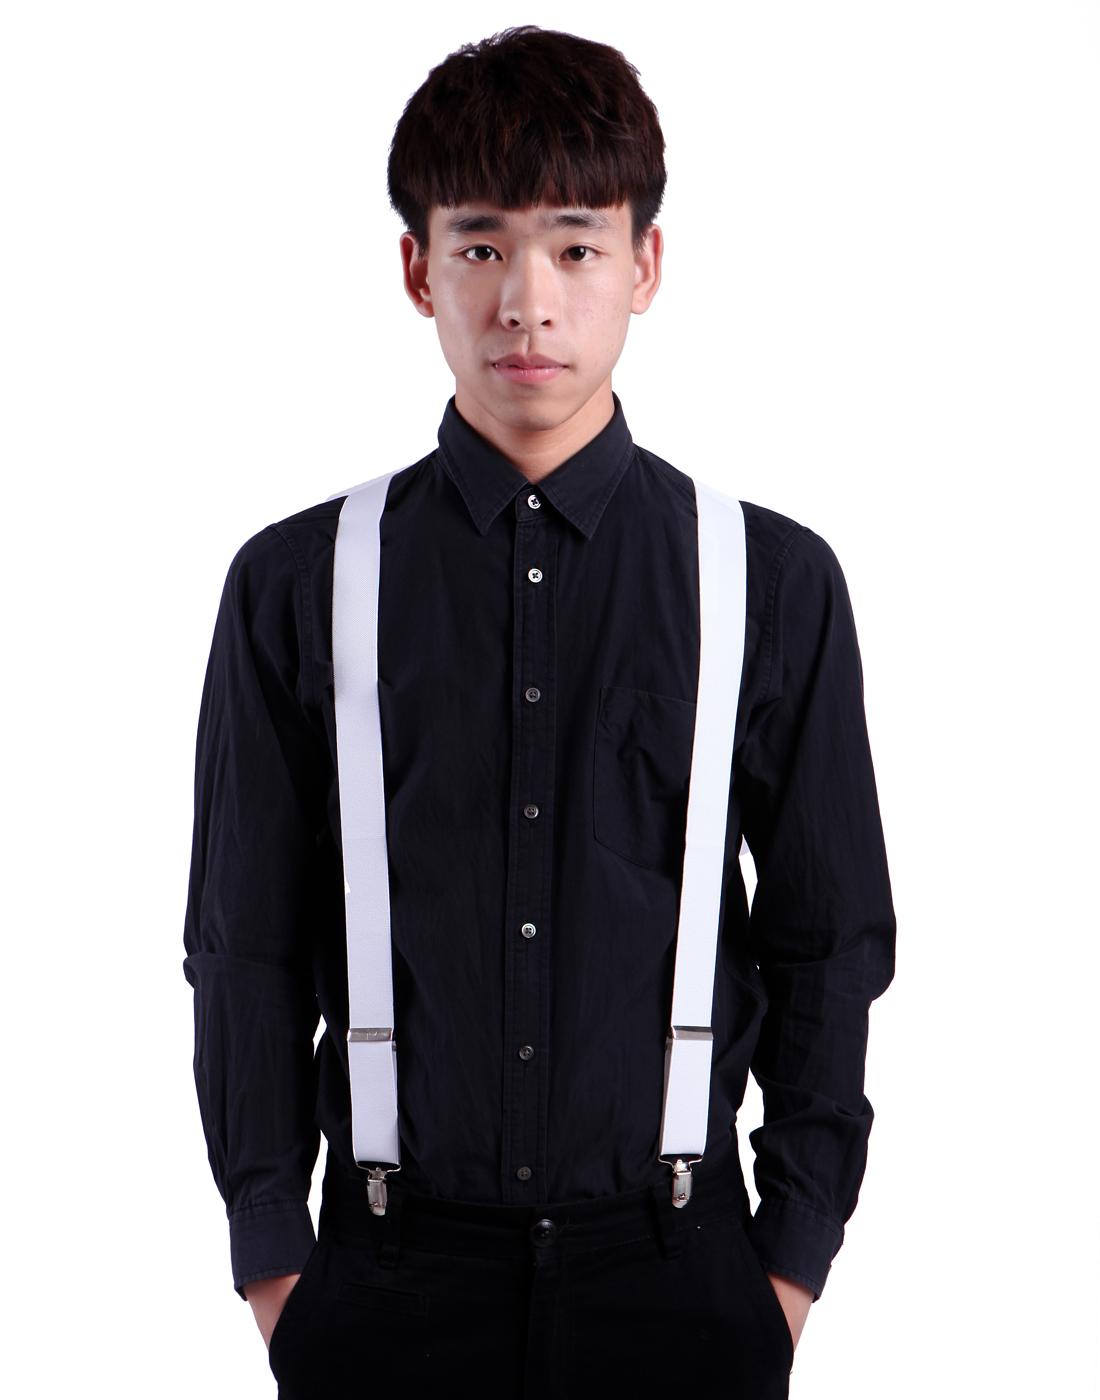 Men's X-Back Clip Suspenders Adjustable Elastic Shoulder Strap - 1.5 Wide (Black)